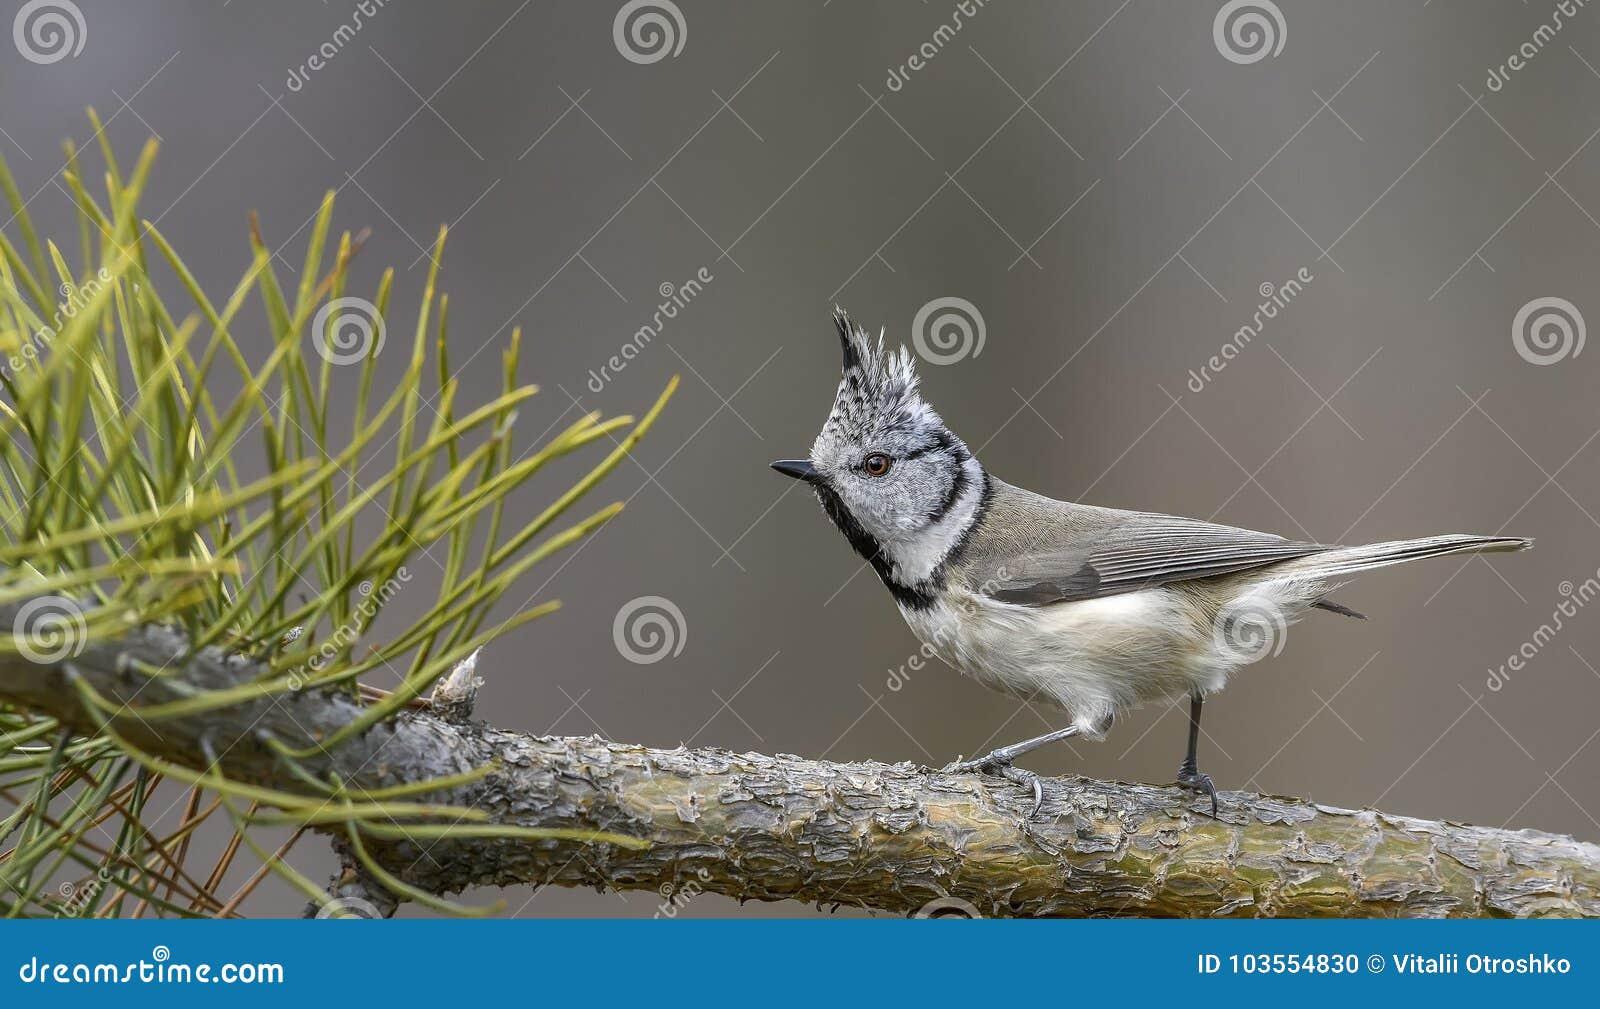 O ¡ de Ð descansou o melharuco, pássaro, pássaro com crista, pássaro na natureza